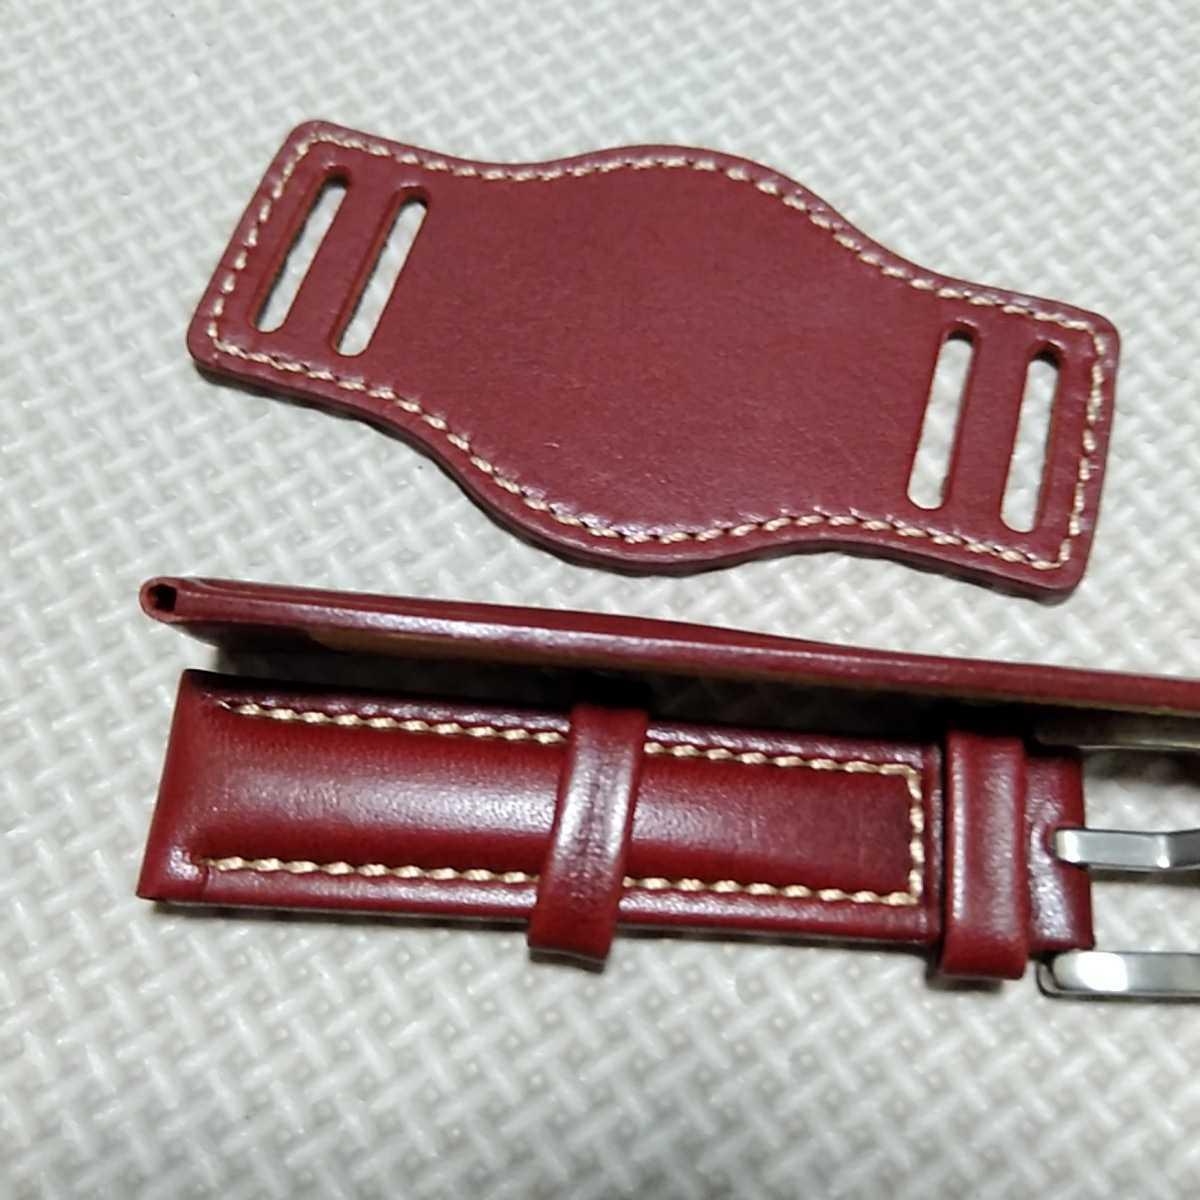 No54 ブンド BUND 本革レザーベルト 腕時計ベルト 交換用ストラップ レッド 18mm 未使用 高品質 ドイツパイロット 空軍_画像8